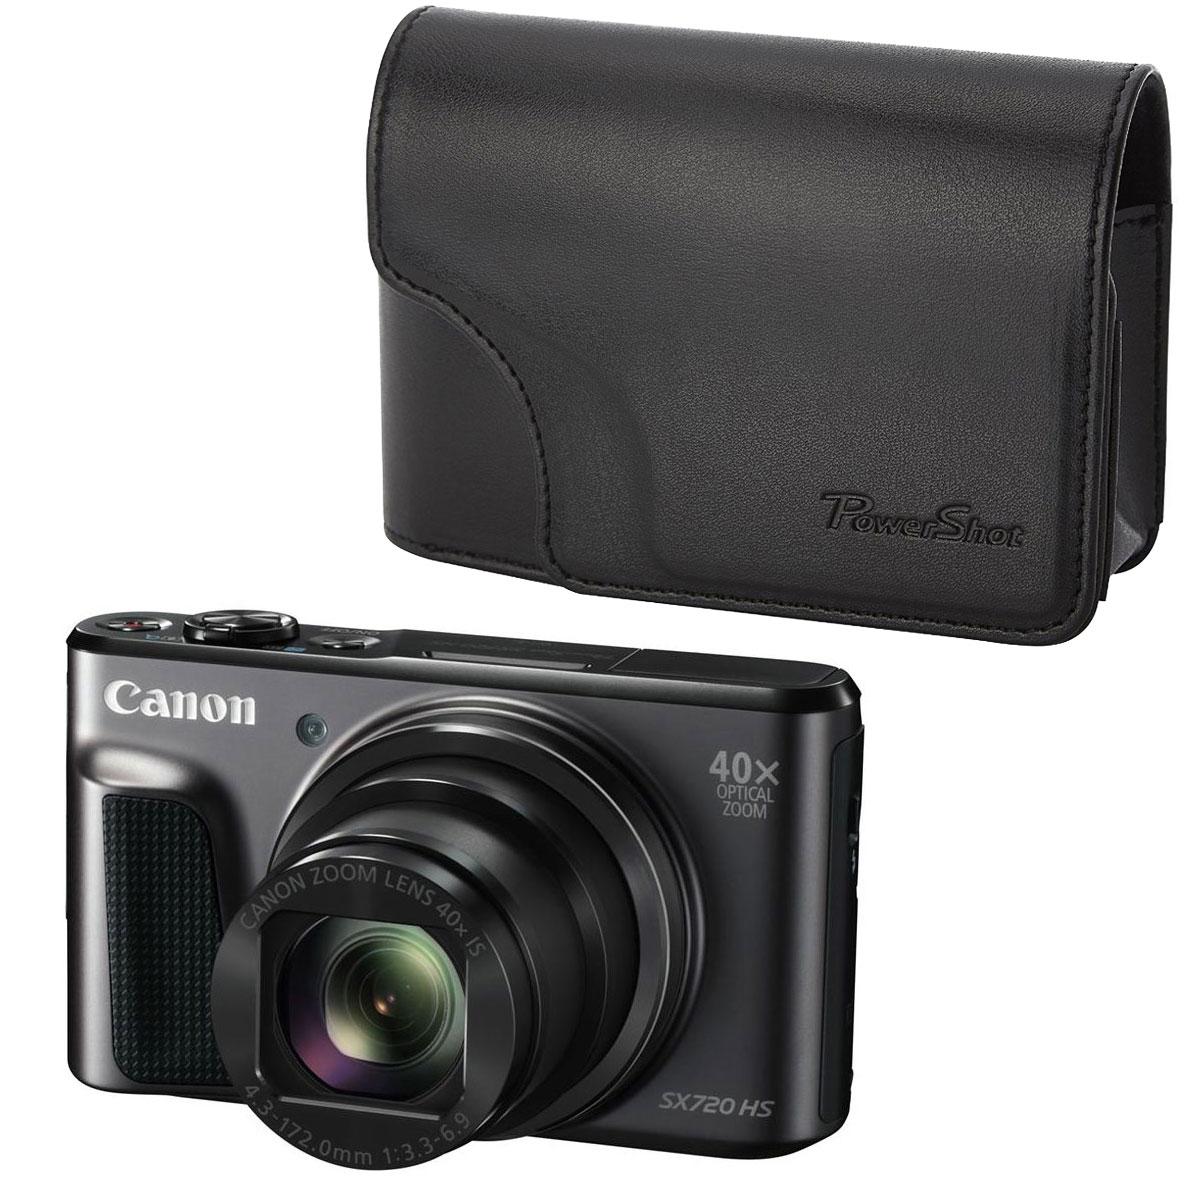 Canon powershot sx720 hs noir dcc 1570 appareil photo for Ecran appareil photo canon